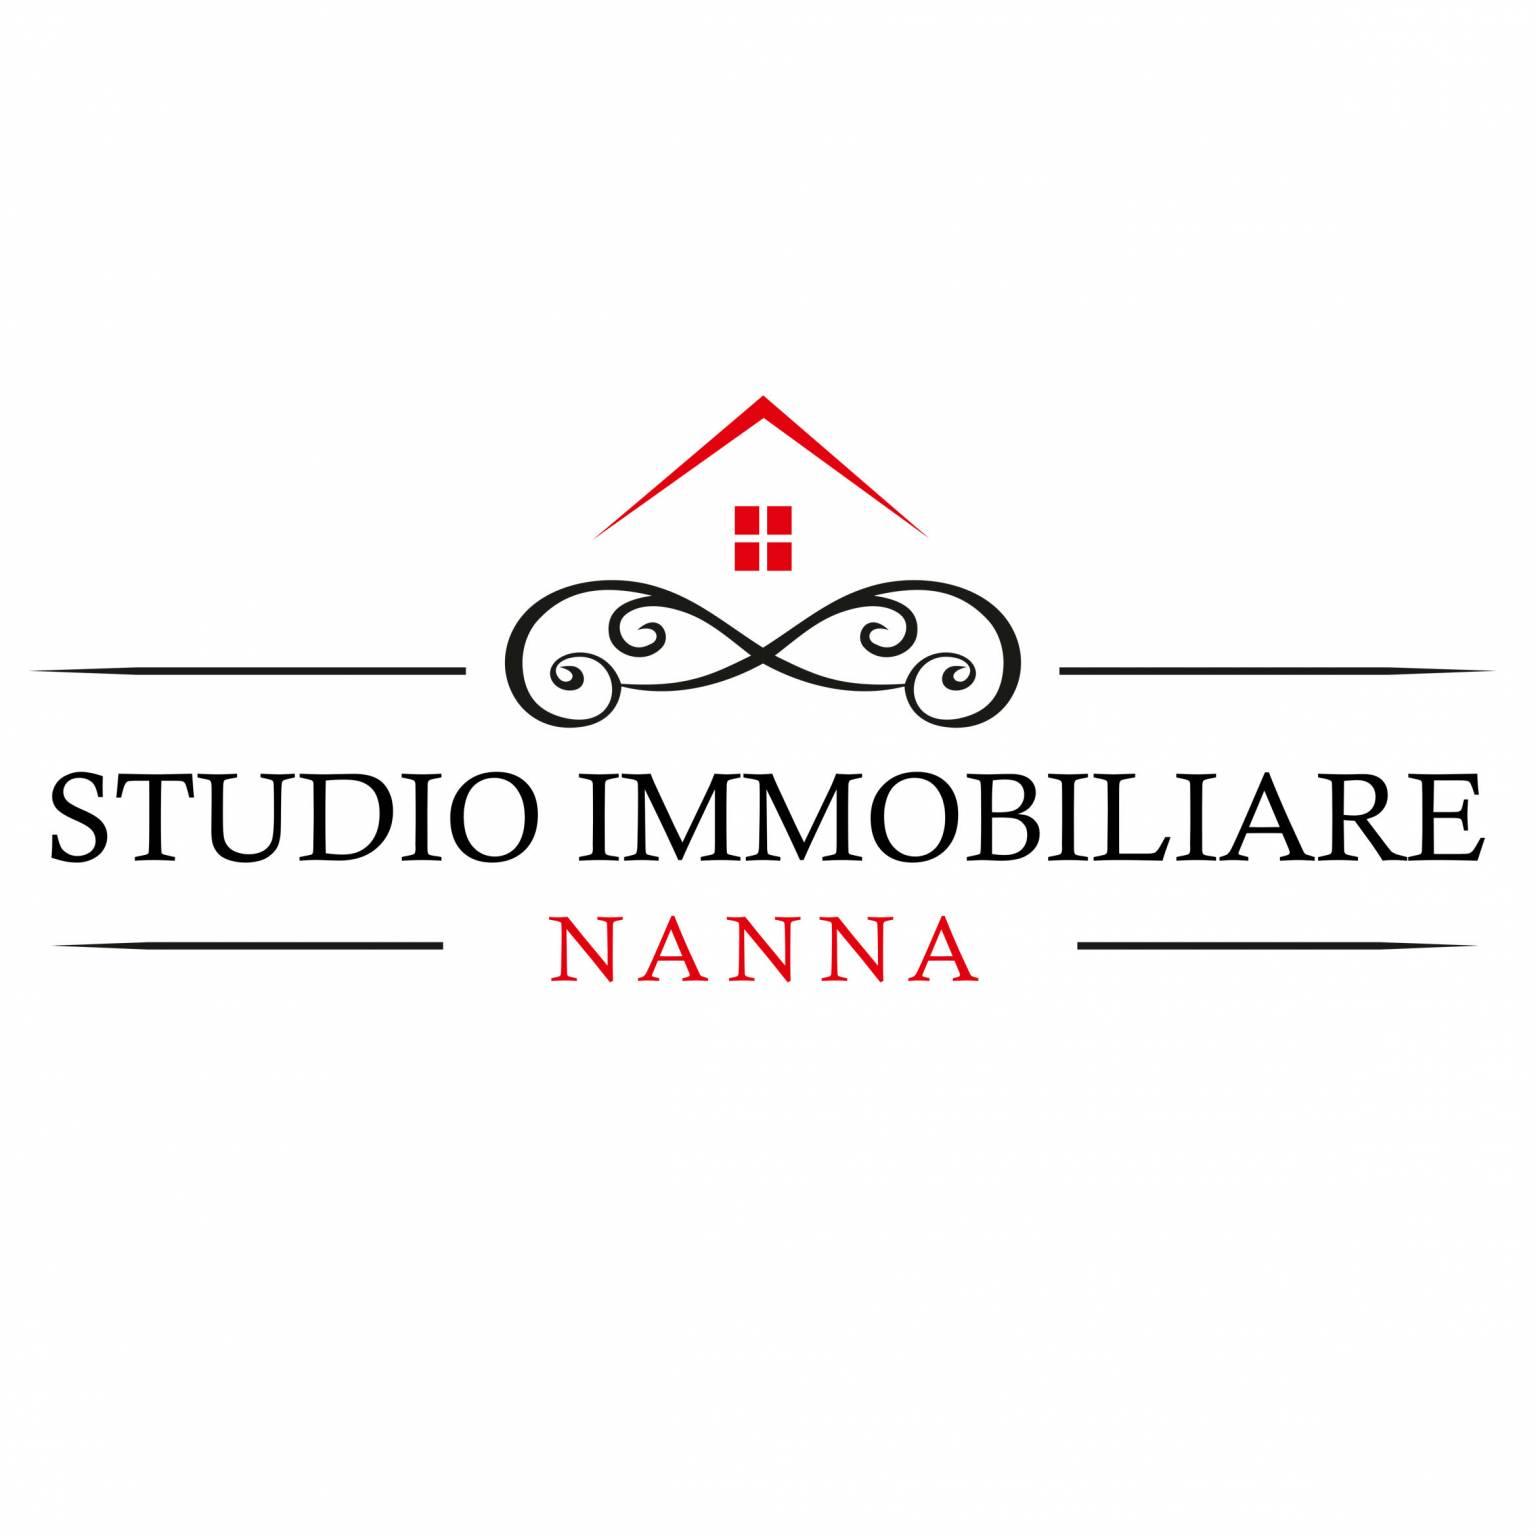 Studio Immobiliare Nanna